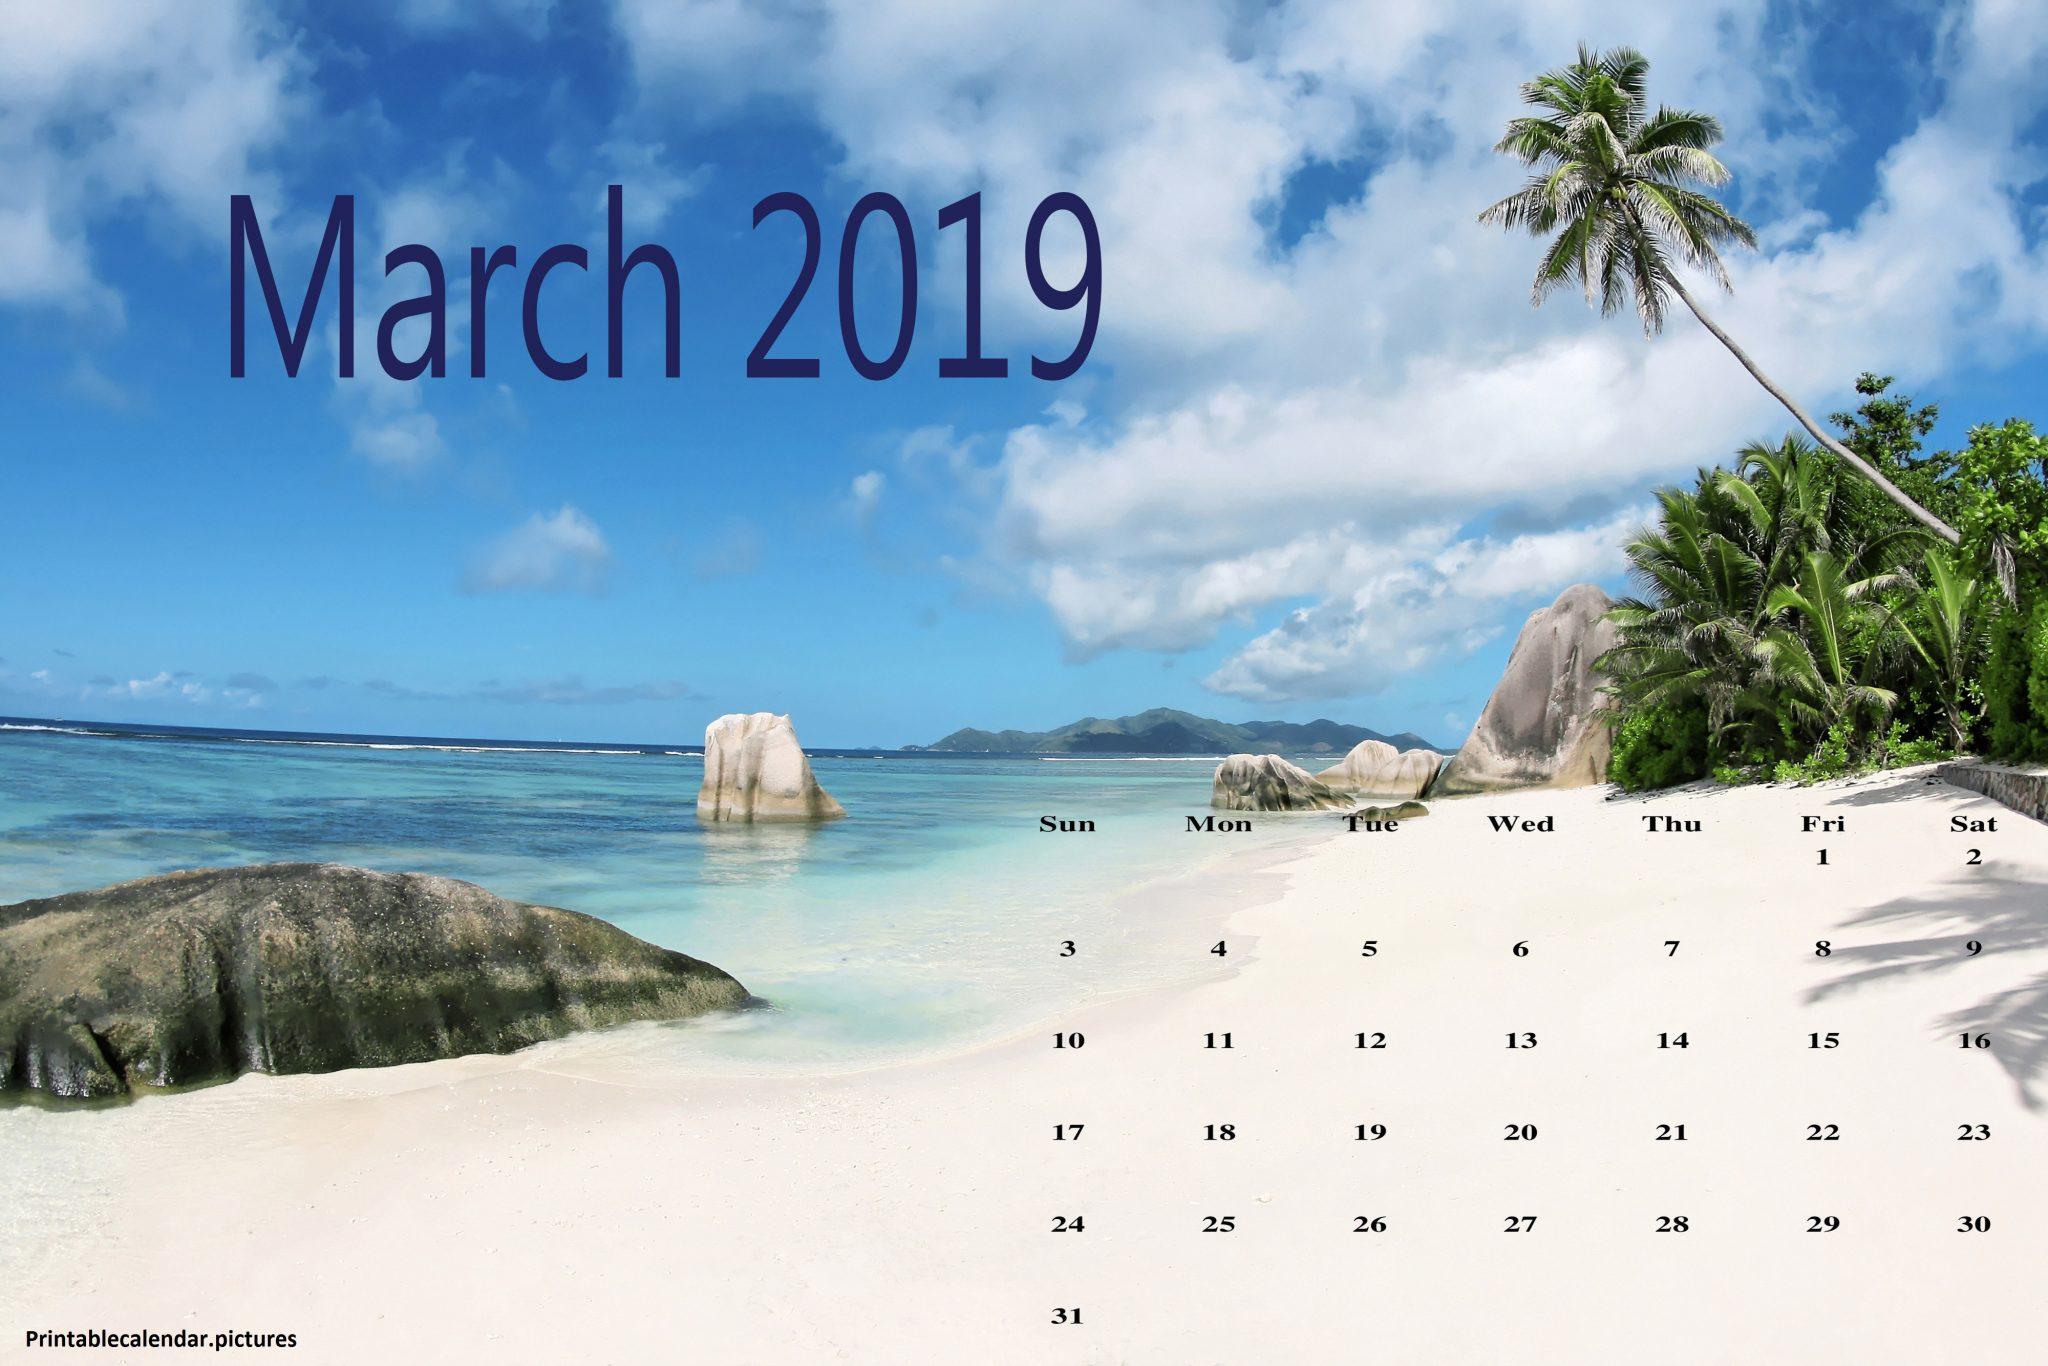 Download Cute March 2019 Calendar